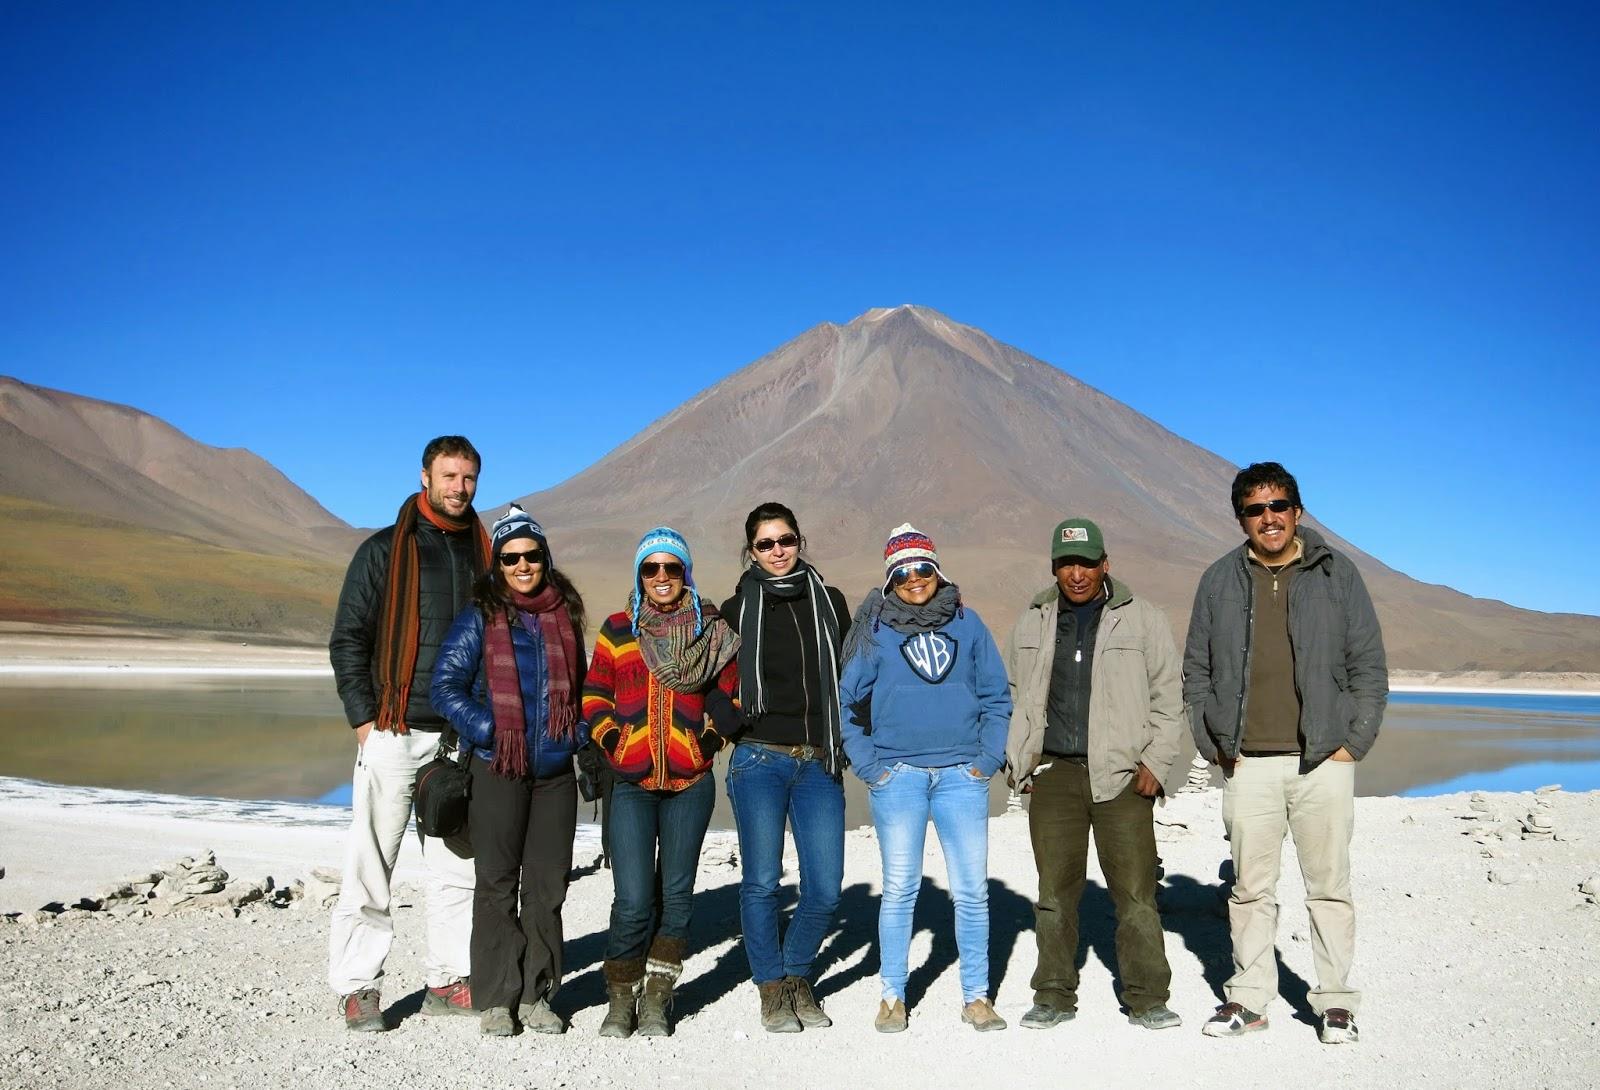 Expedición por el Salar de Uyuni - Volcán Licancabur al fondo.